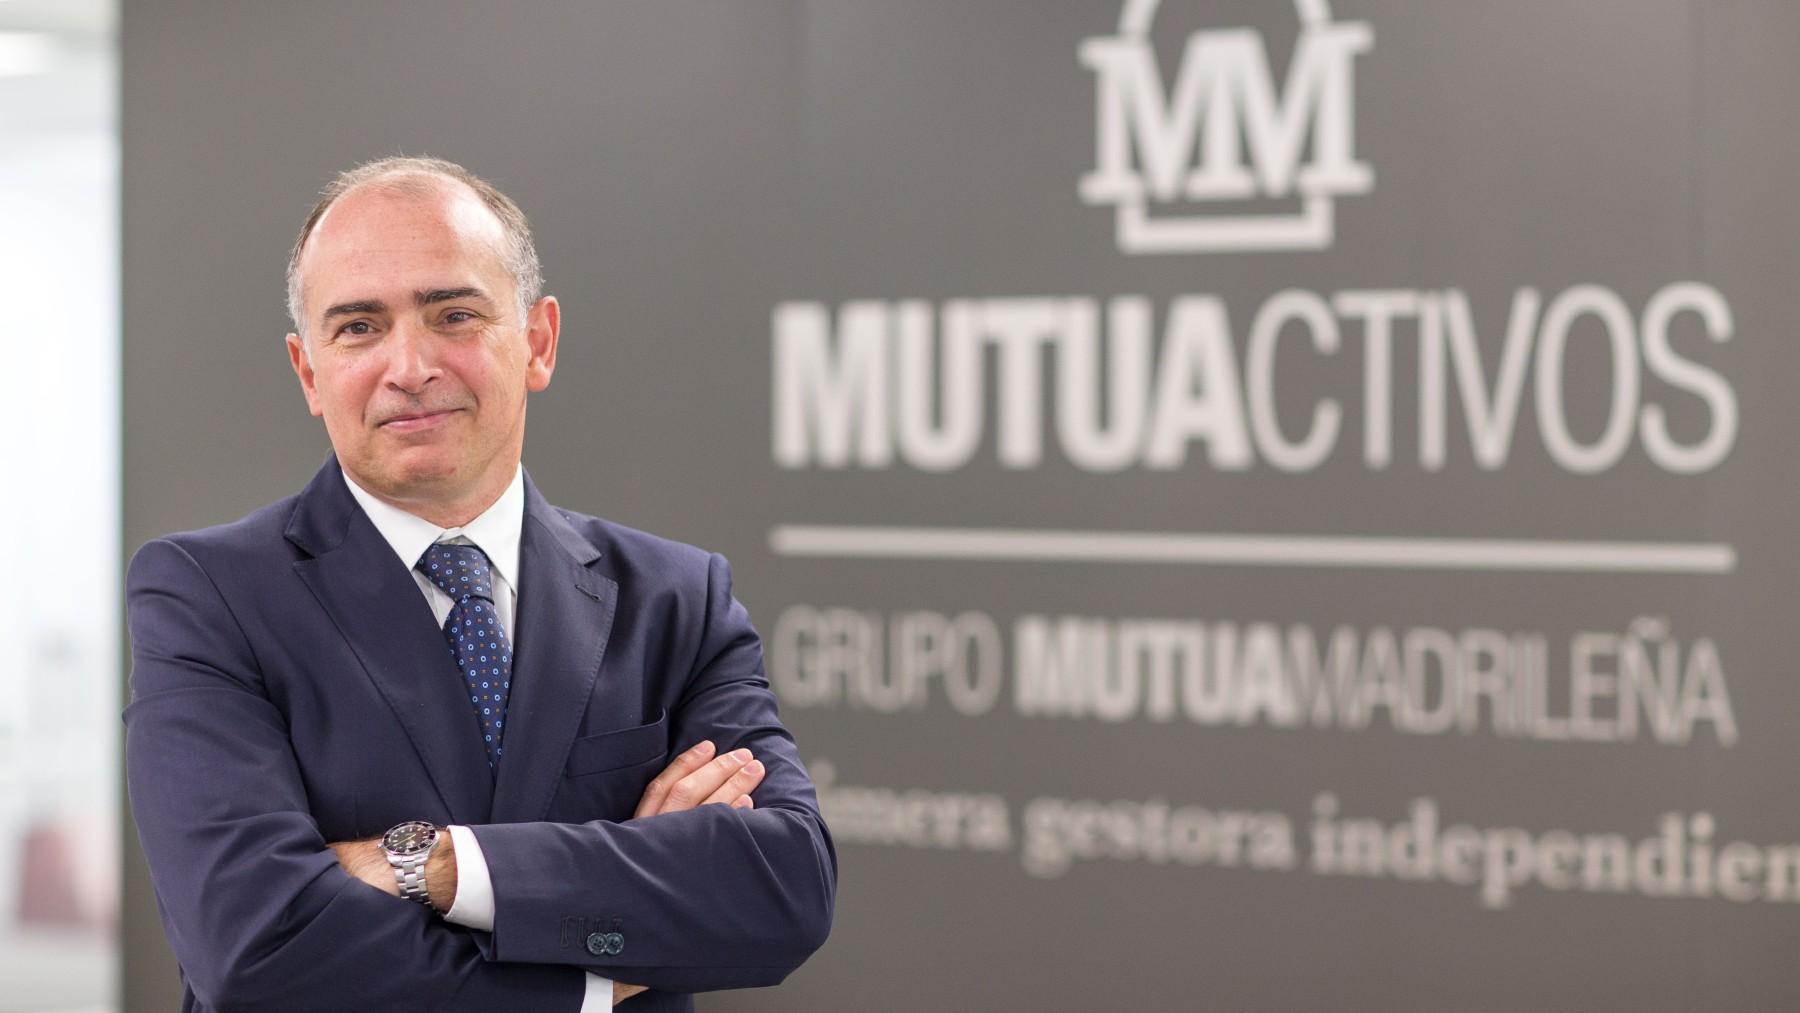 Emilio Ortiz de Mutuactivos.